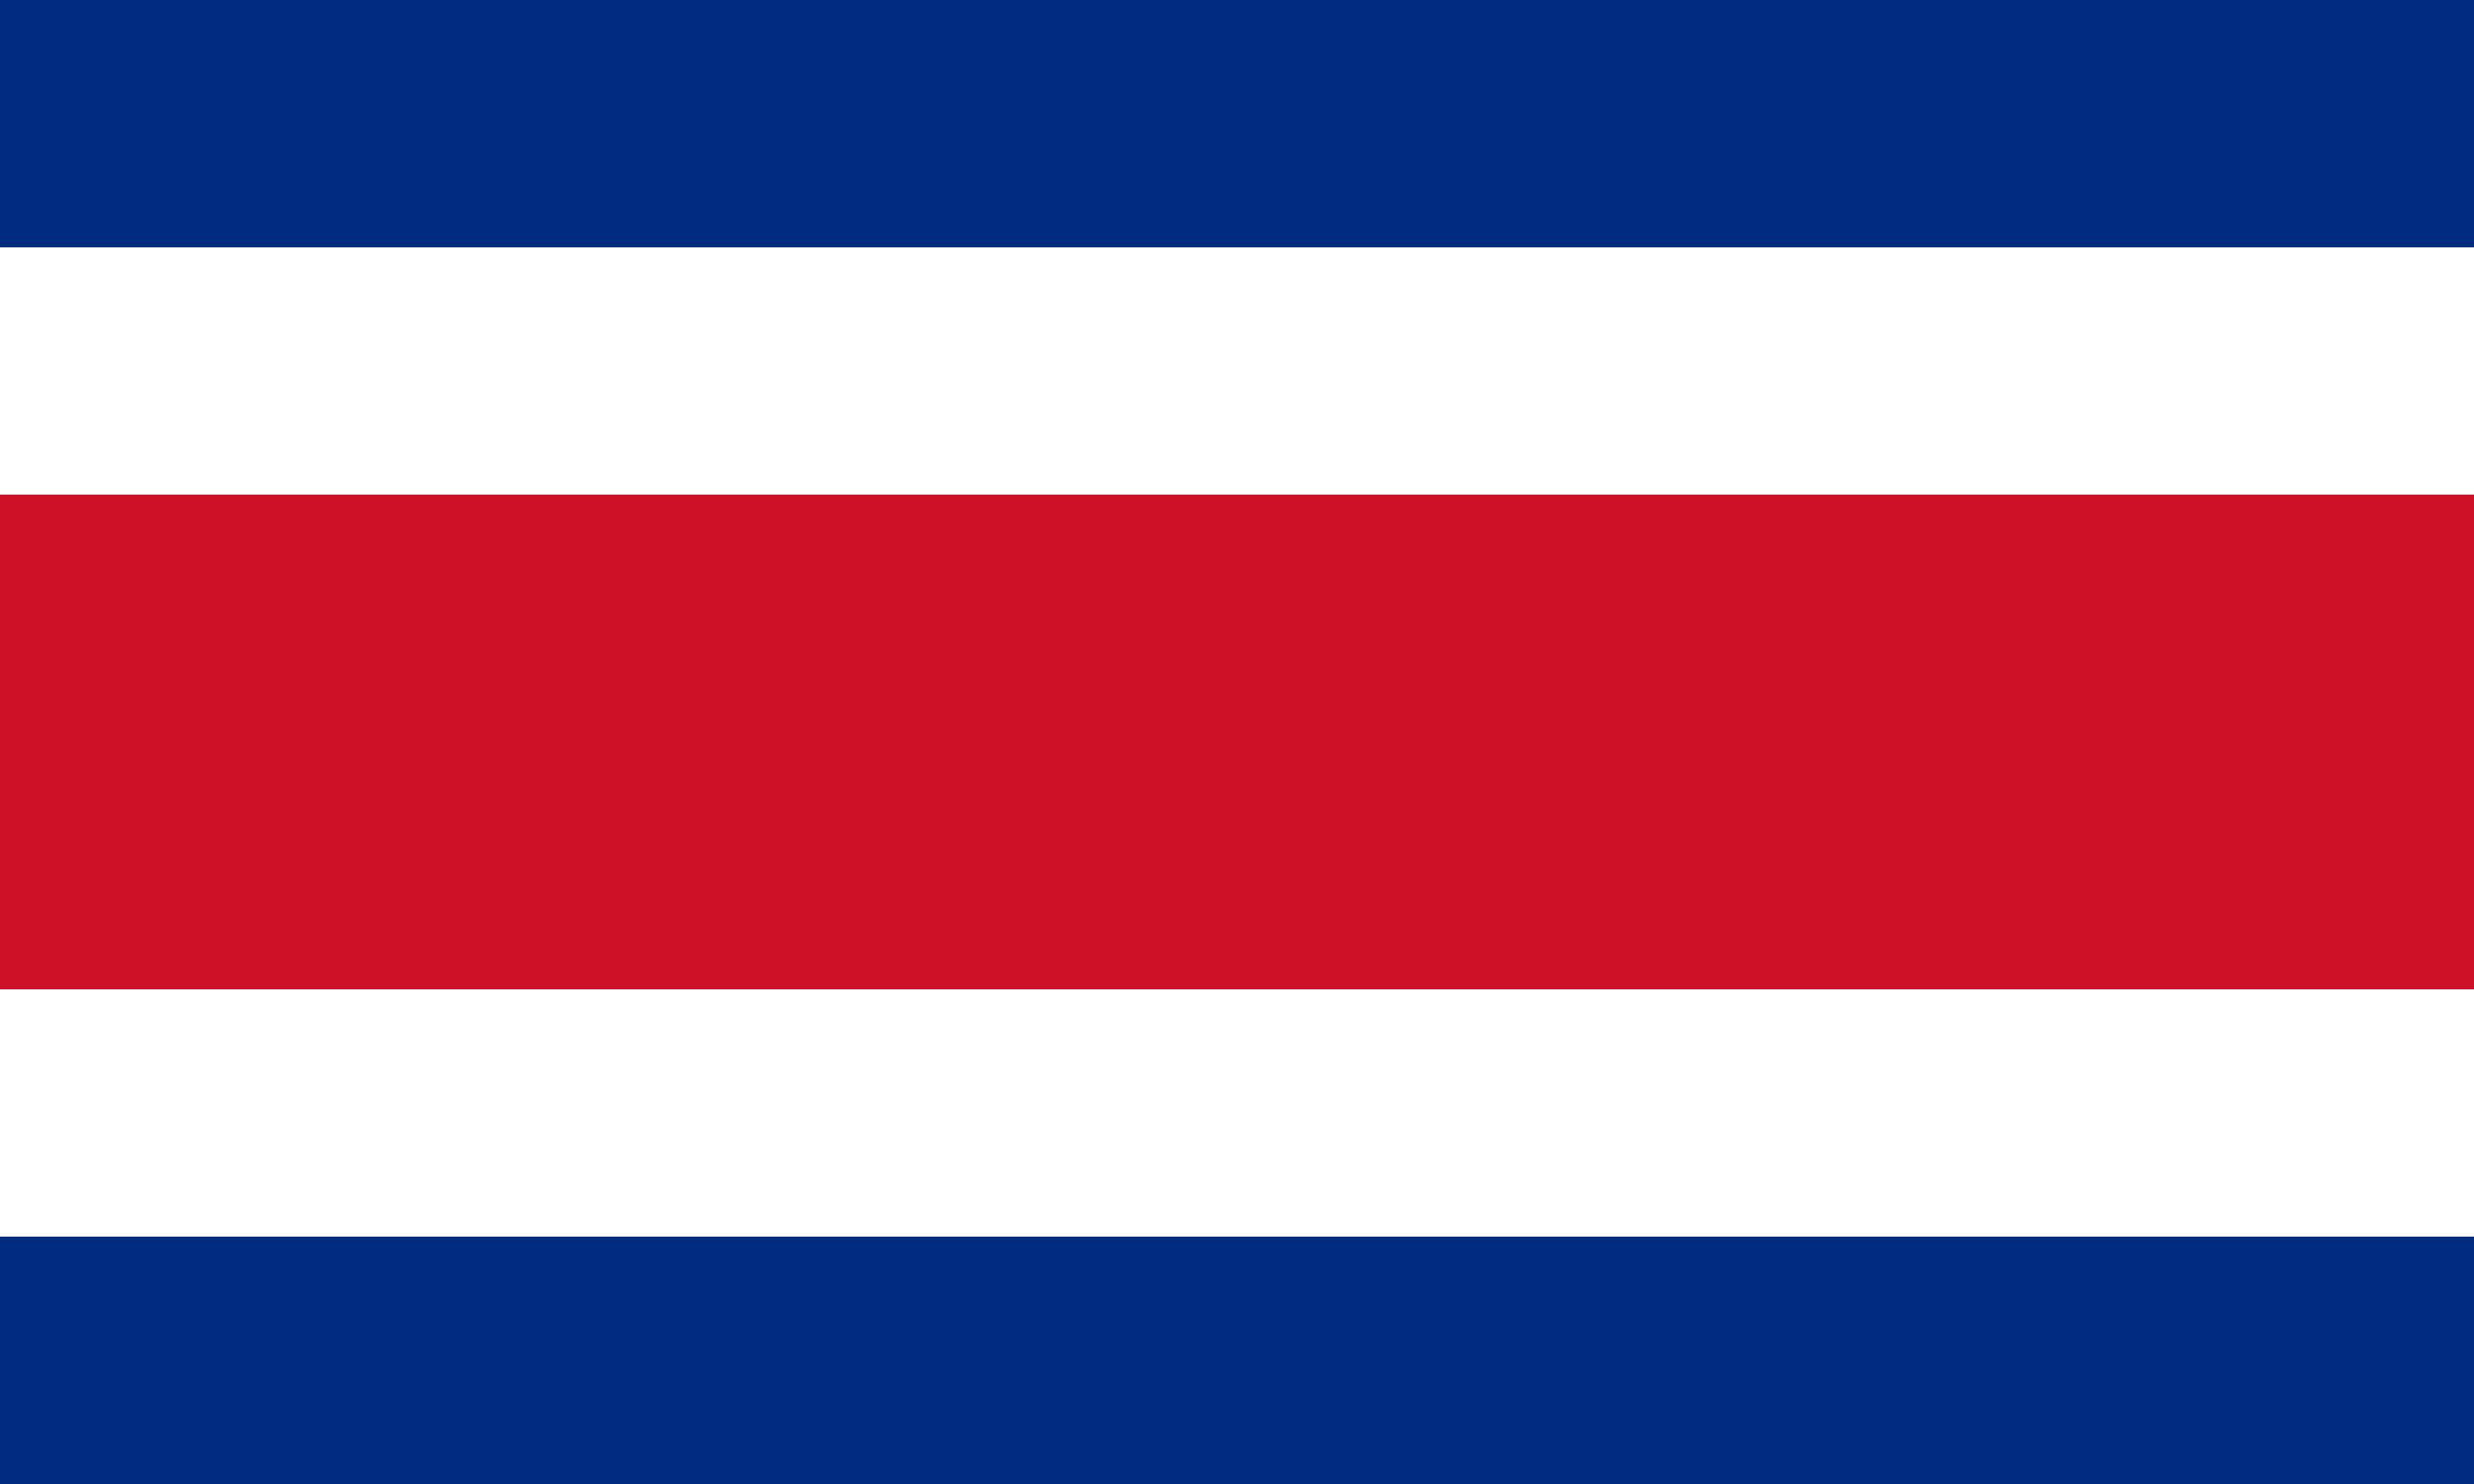 bandeira costa rica - Bandeira da Costa Rica